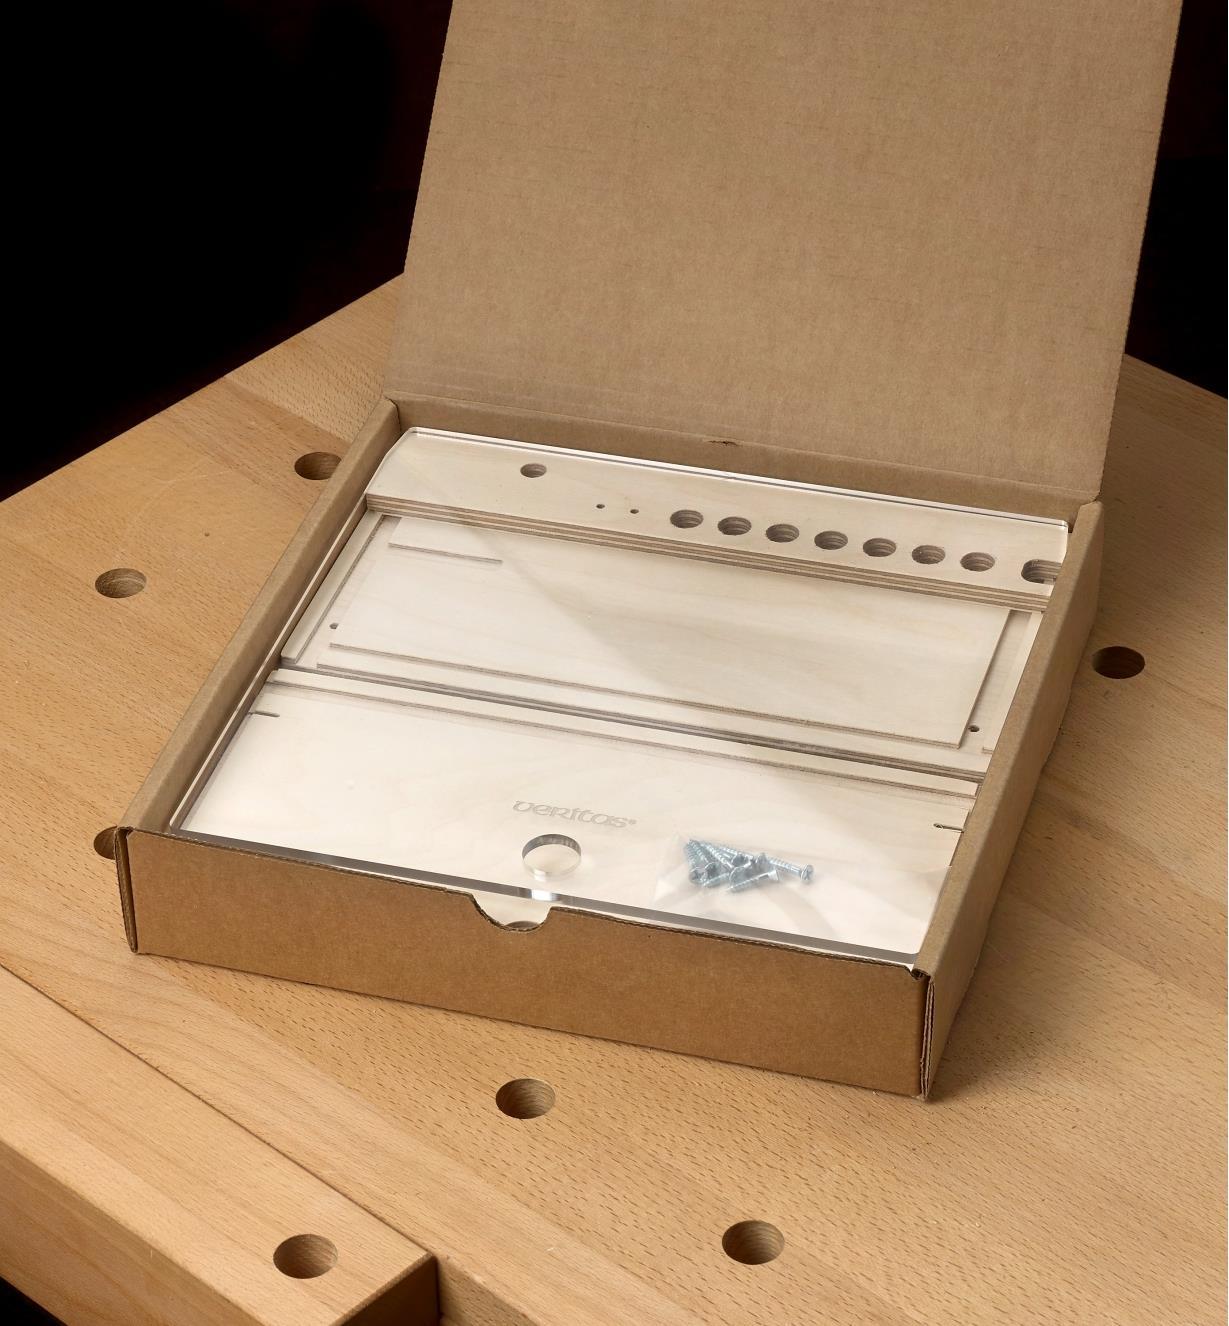 Coffret de rangement pour guimbarde Veritas livré démonté et emballé à plat dans une boîte de carton